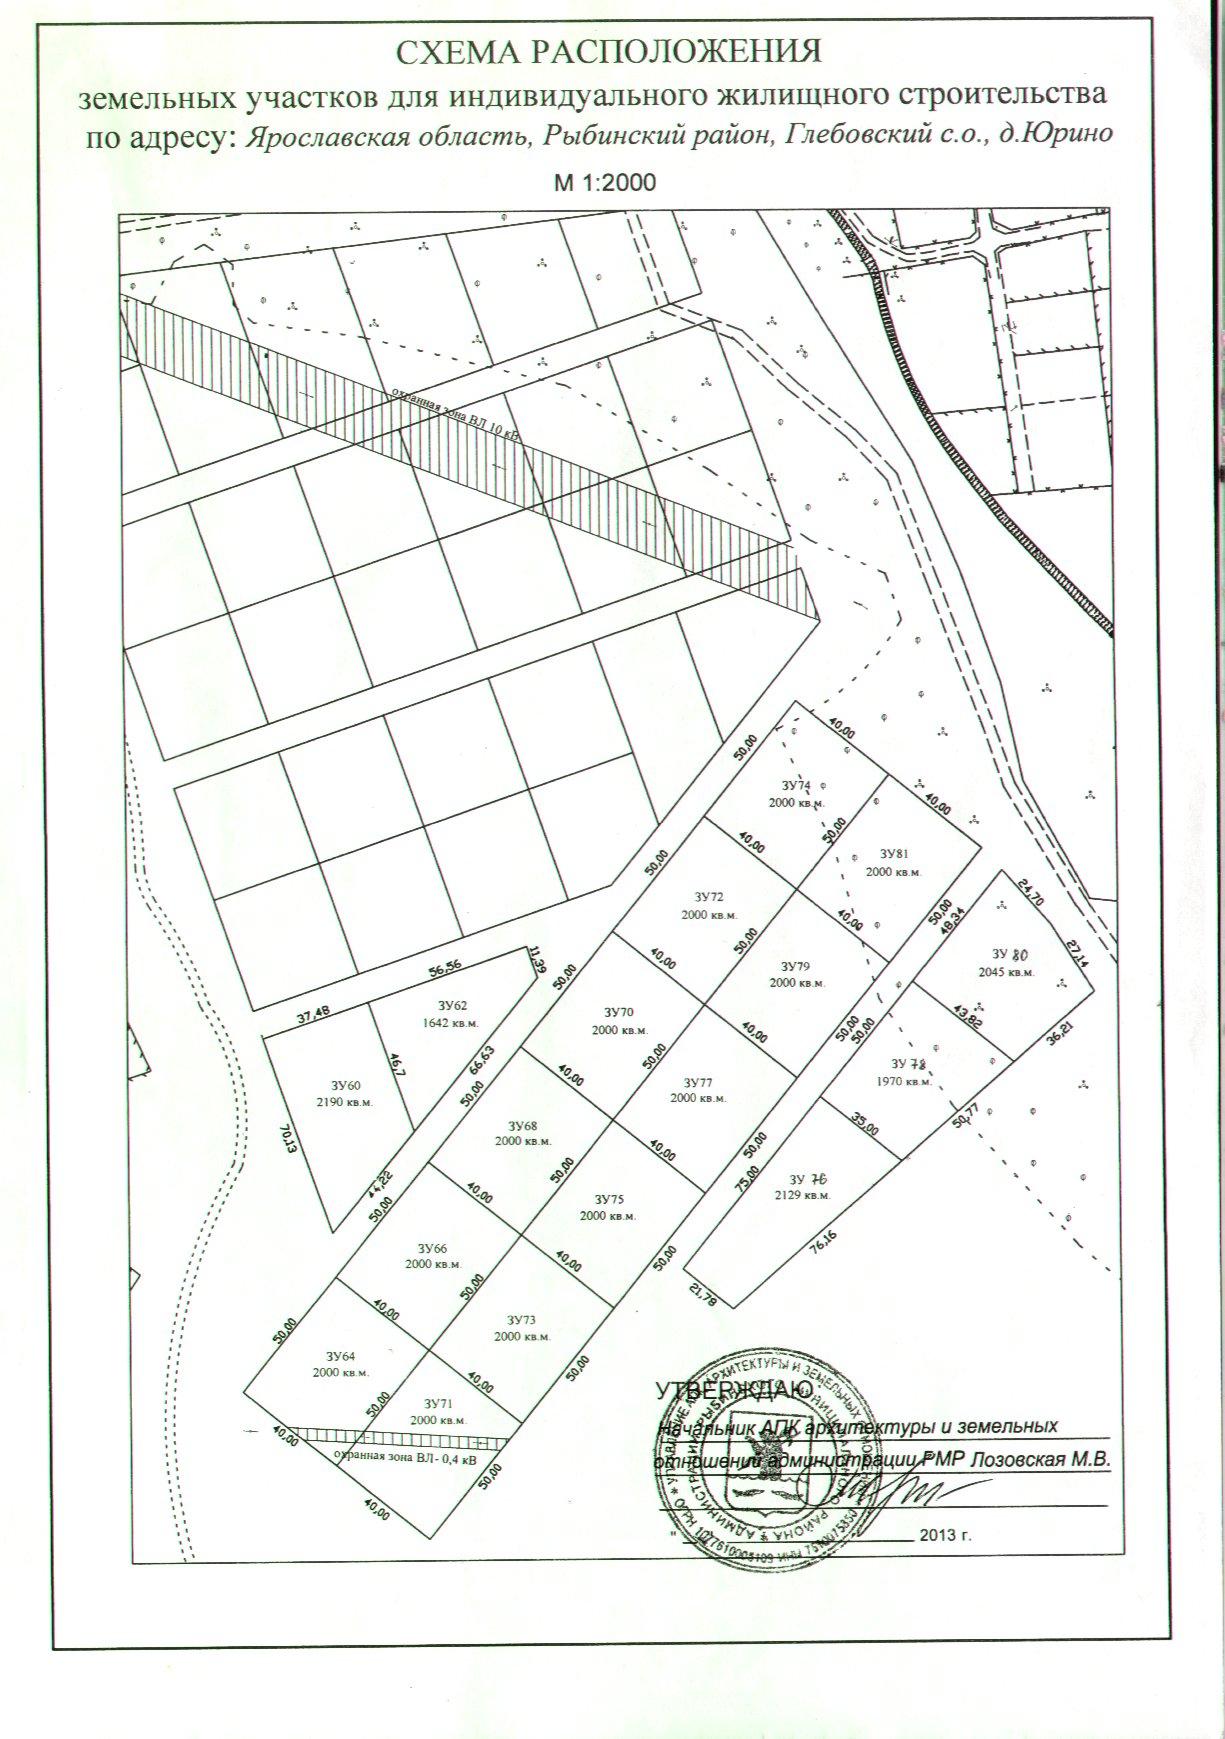 Схема размещения объекта на муниципальных землях